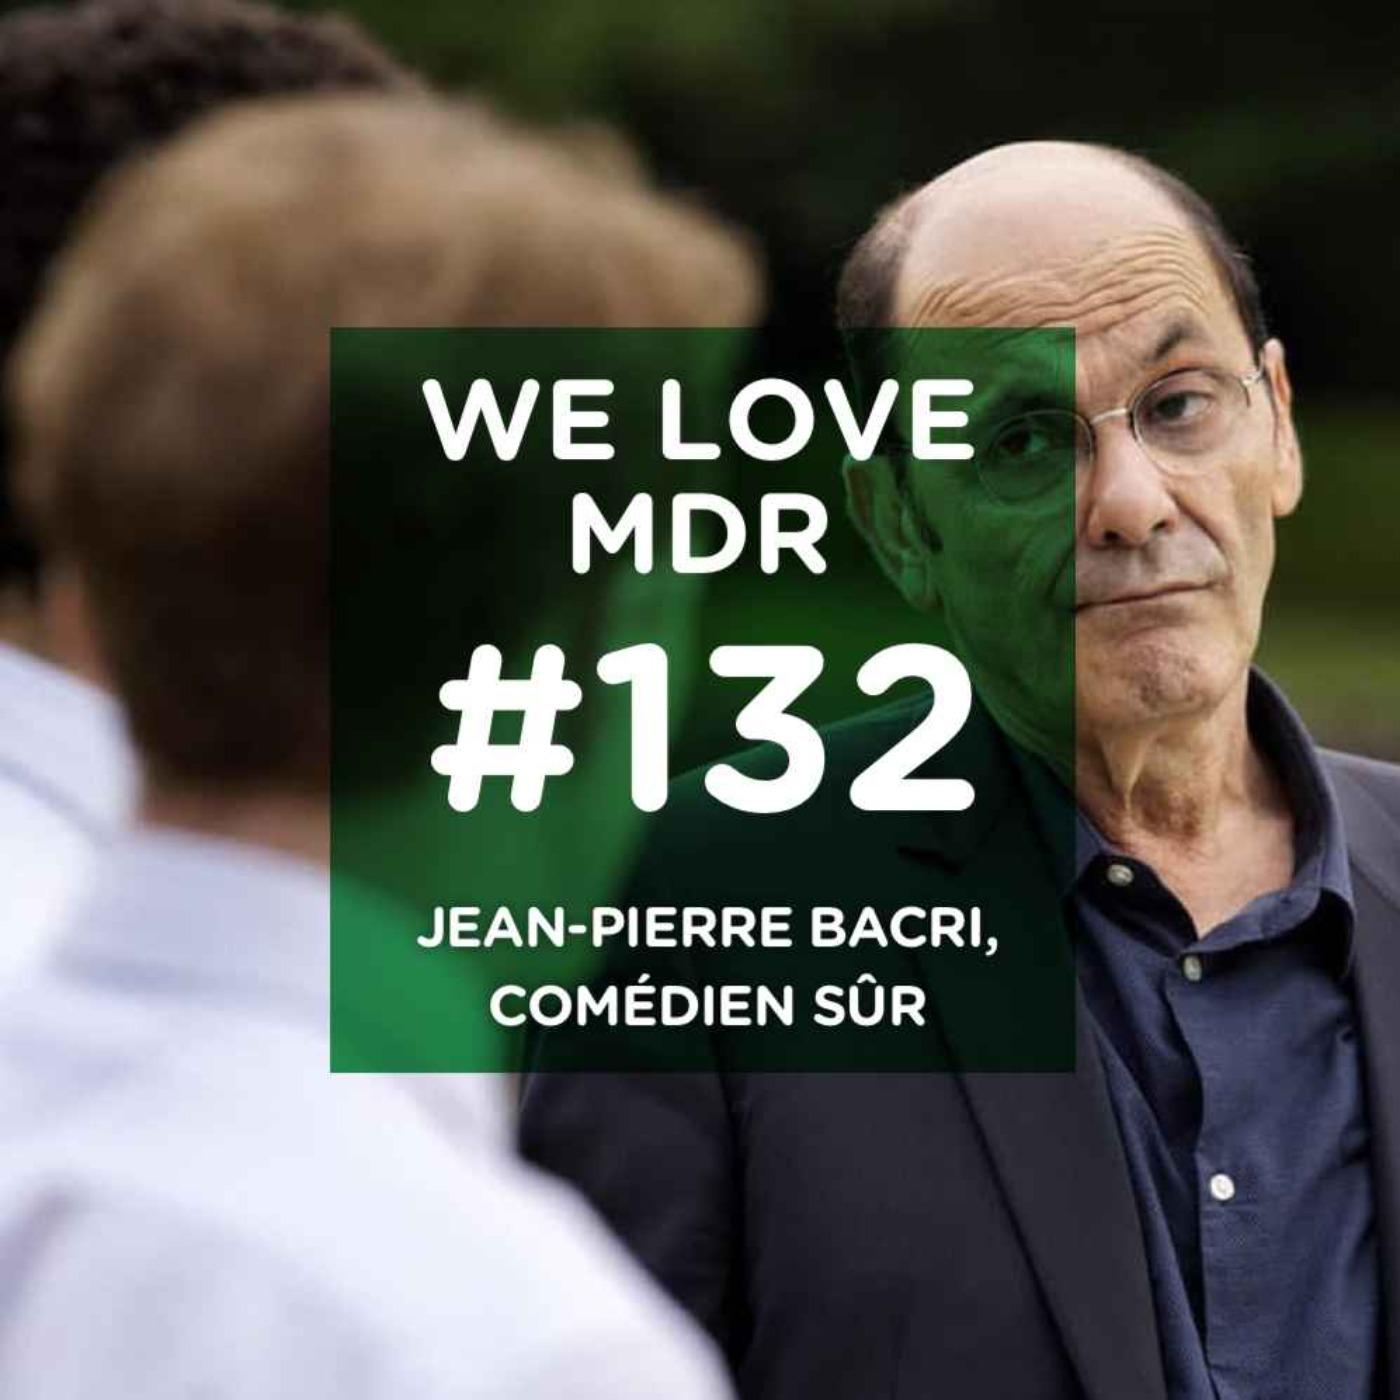 Jean-Pierre Bacri, comédien sûr